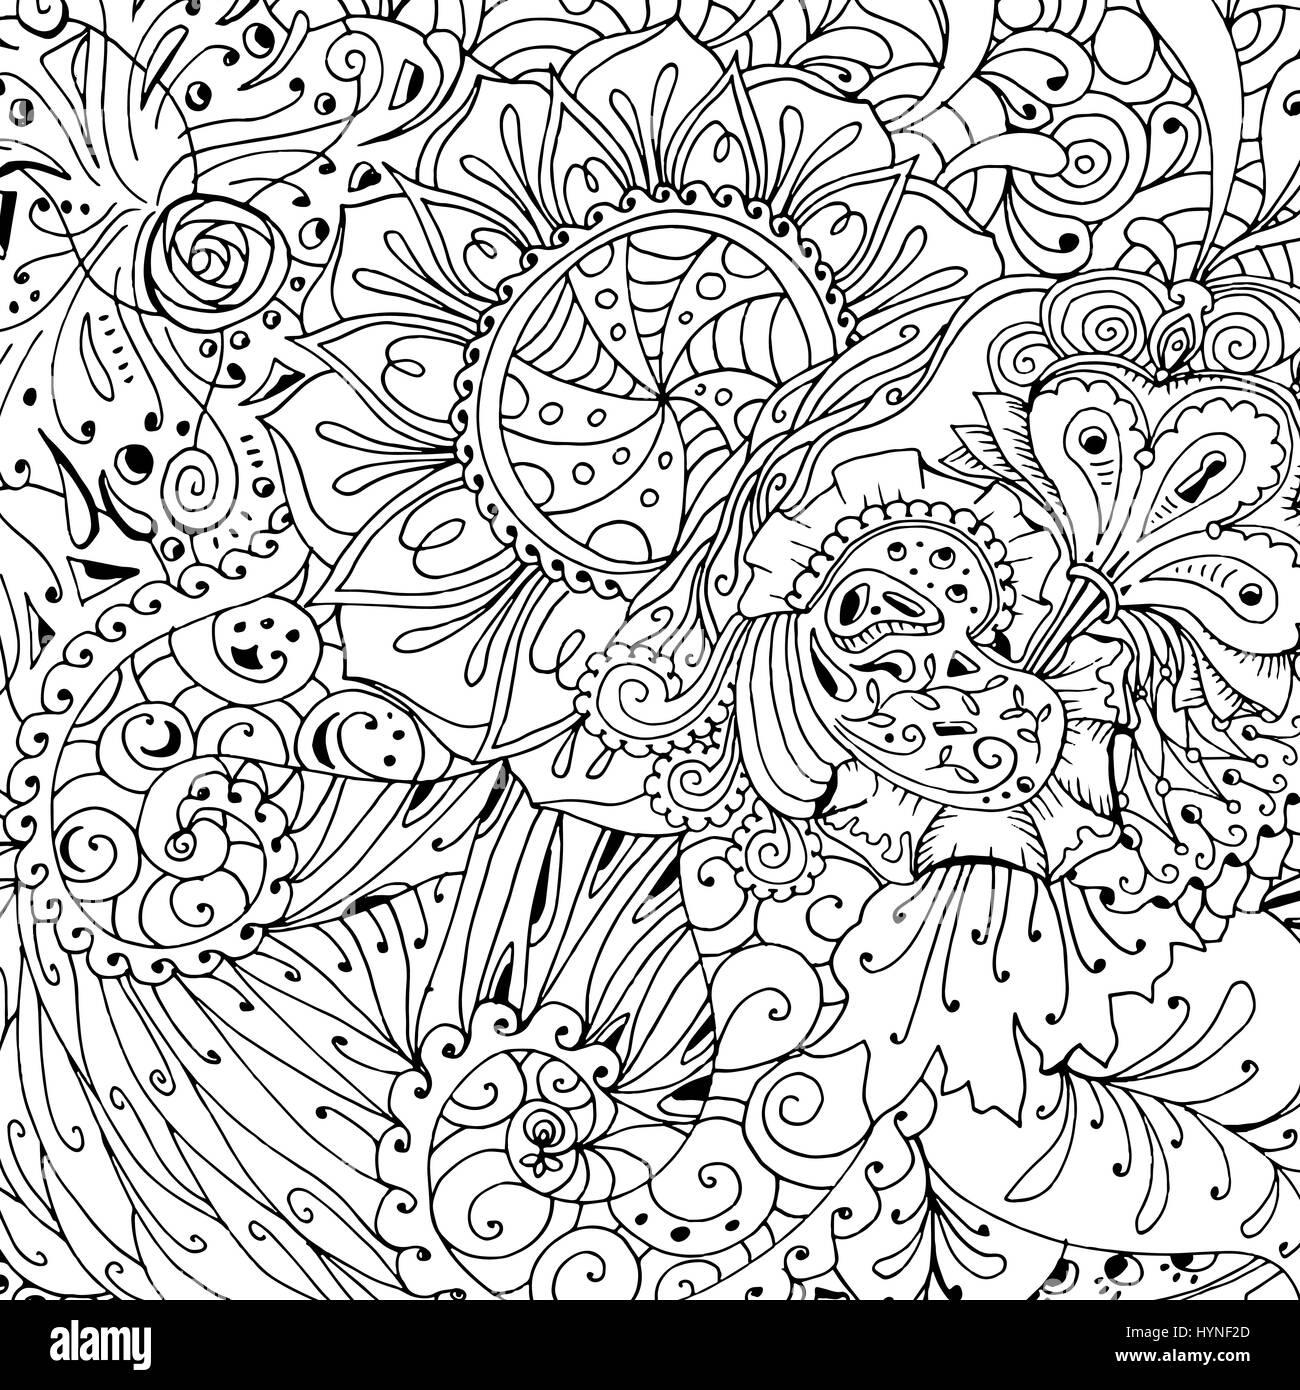 Coloring Seite Buchgestaltung mit Muster. Mandala ethnischen Ornament. Stockbild